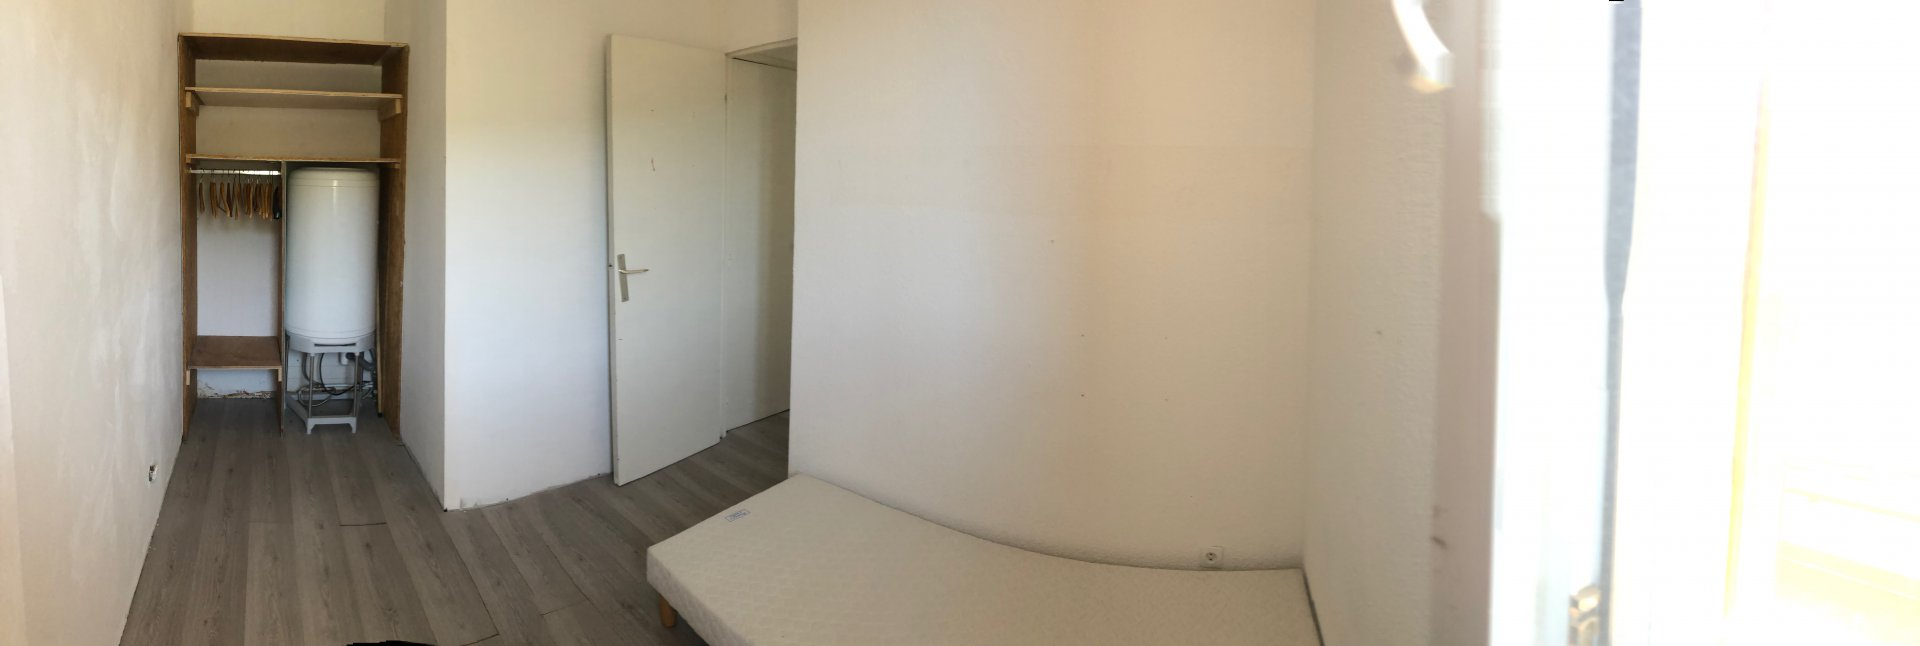 Appartement type T3 à rénover au pied des pistes